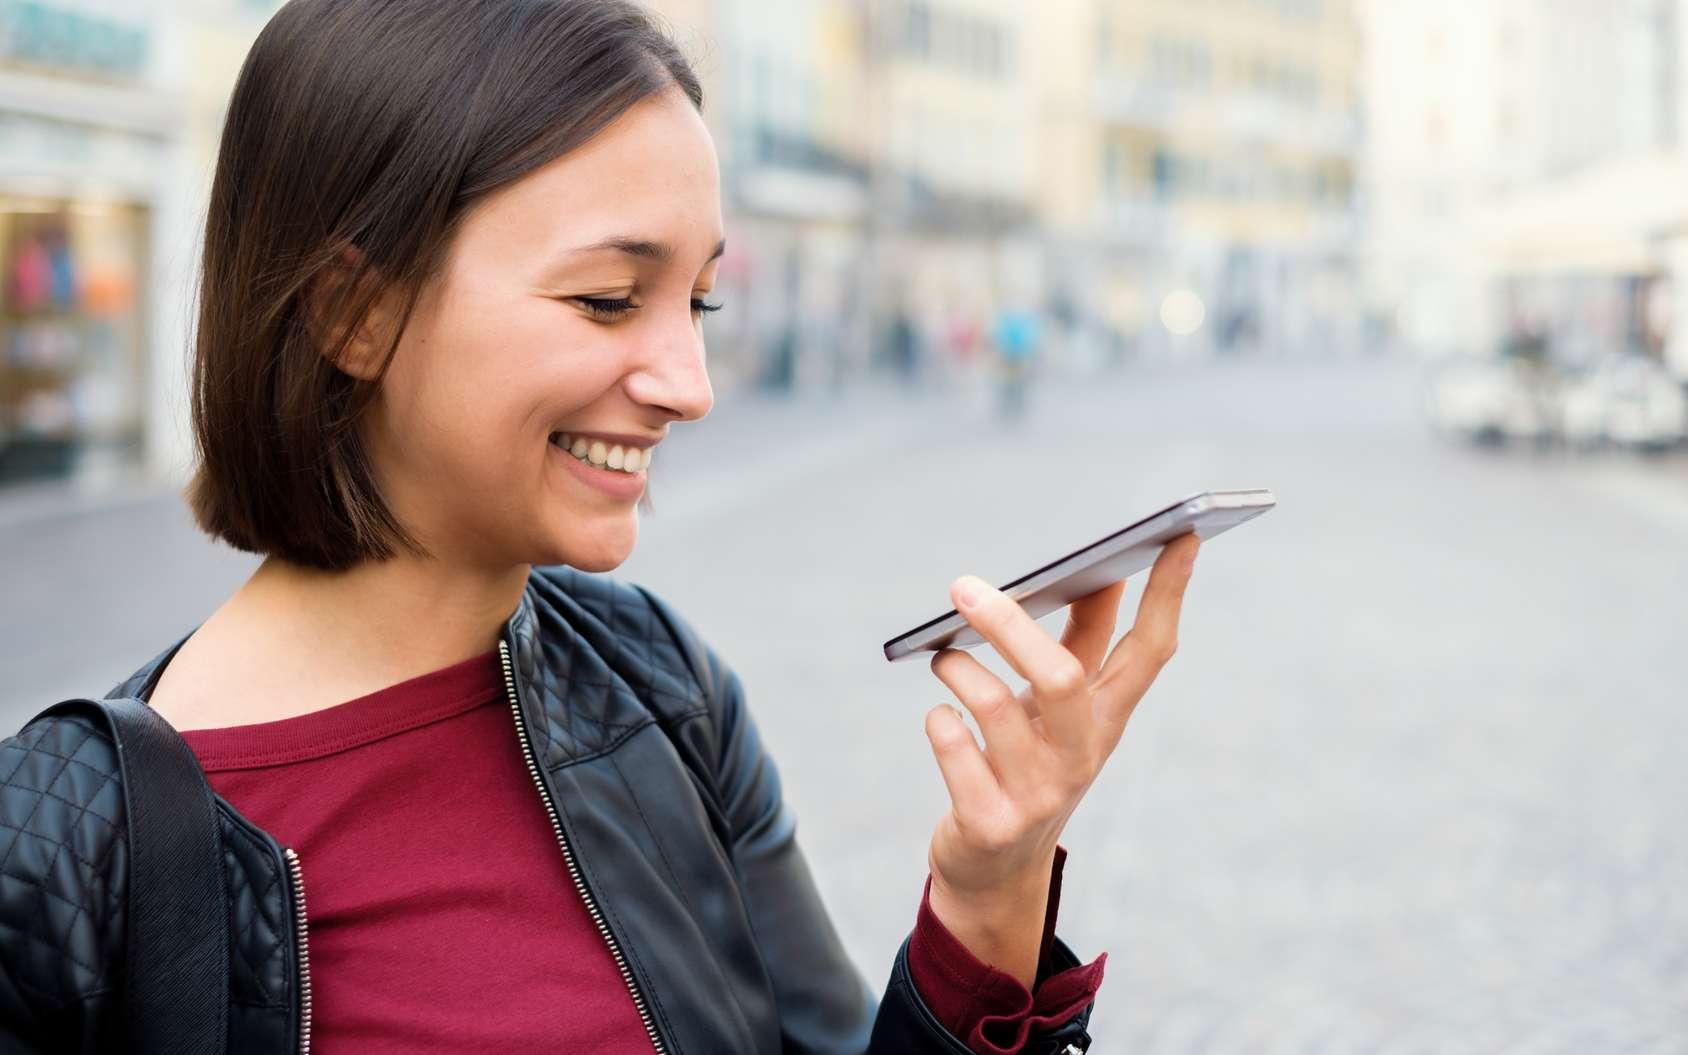 Bientôt disponible sur les smartphones Pixel, la prochaine version de Google Assistant pourra enchaîner les commandes et ouvrir plusieurs tâches en même temps de manière quasi instantanée. © Paolese, Fotolia